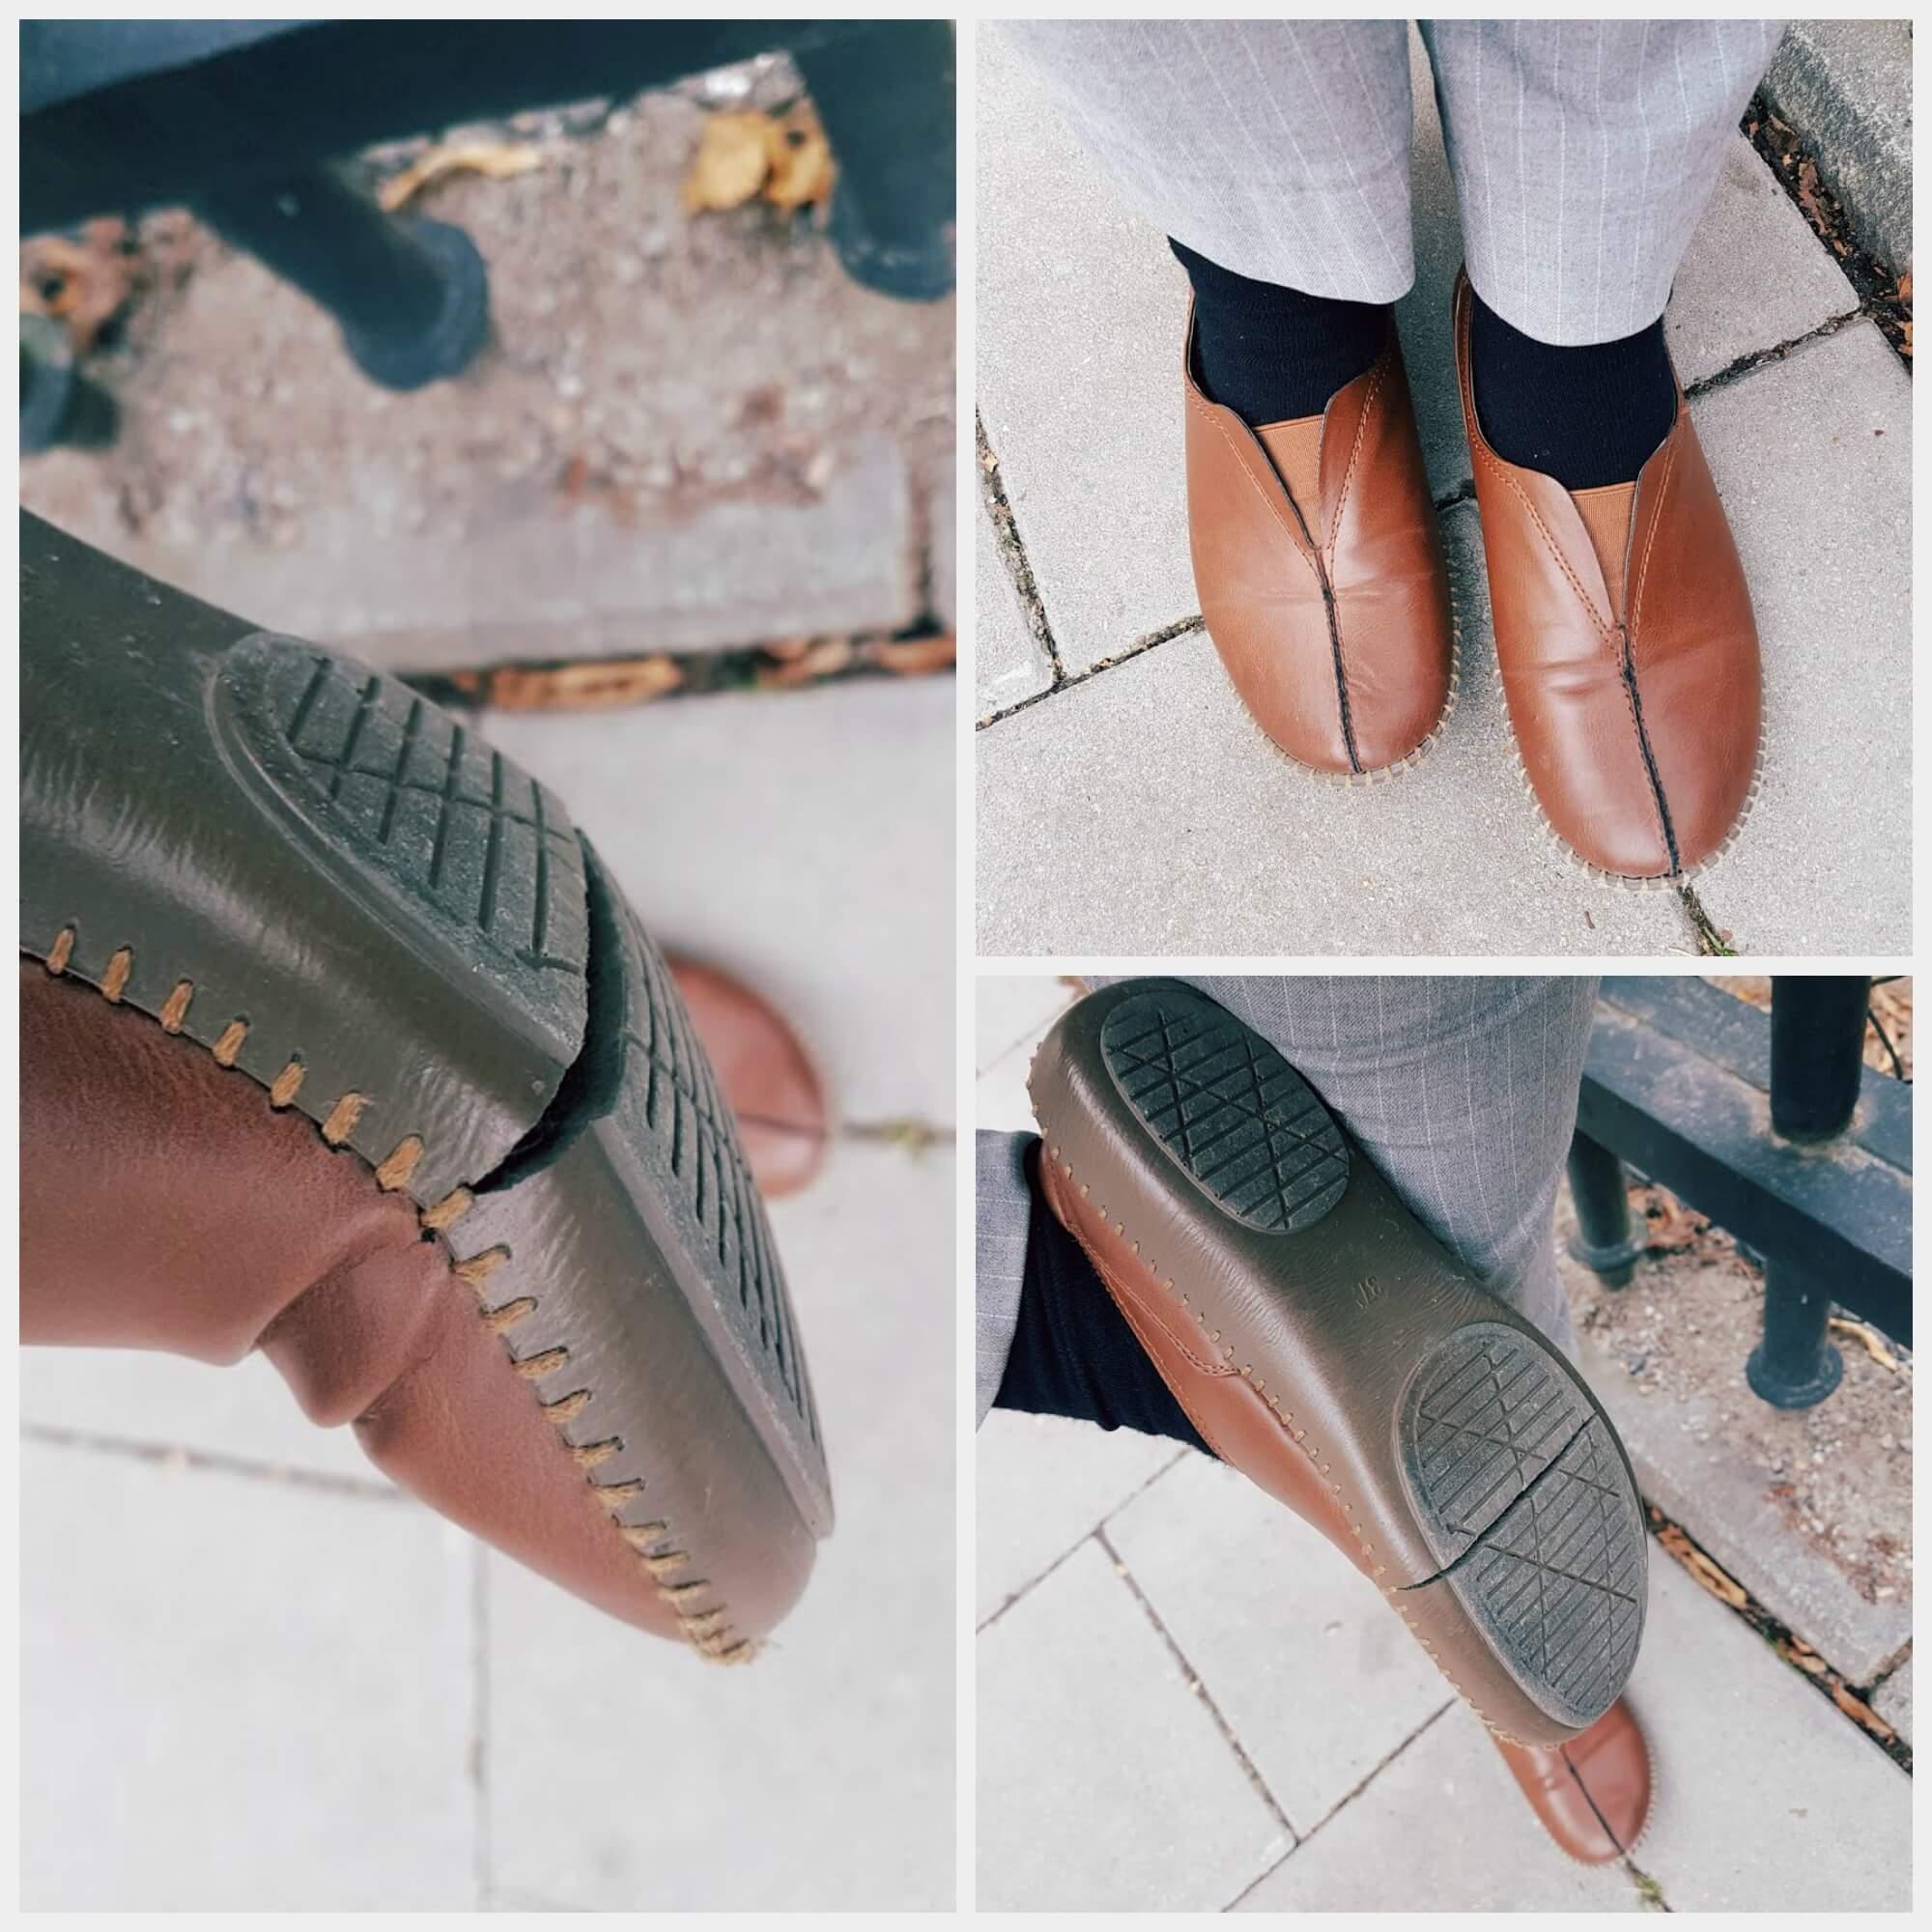 Somliga går med trasiga skor | IsaMaria